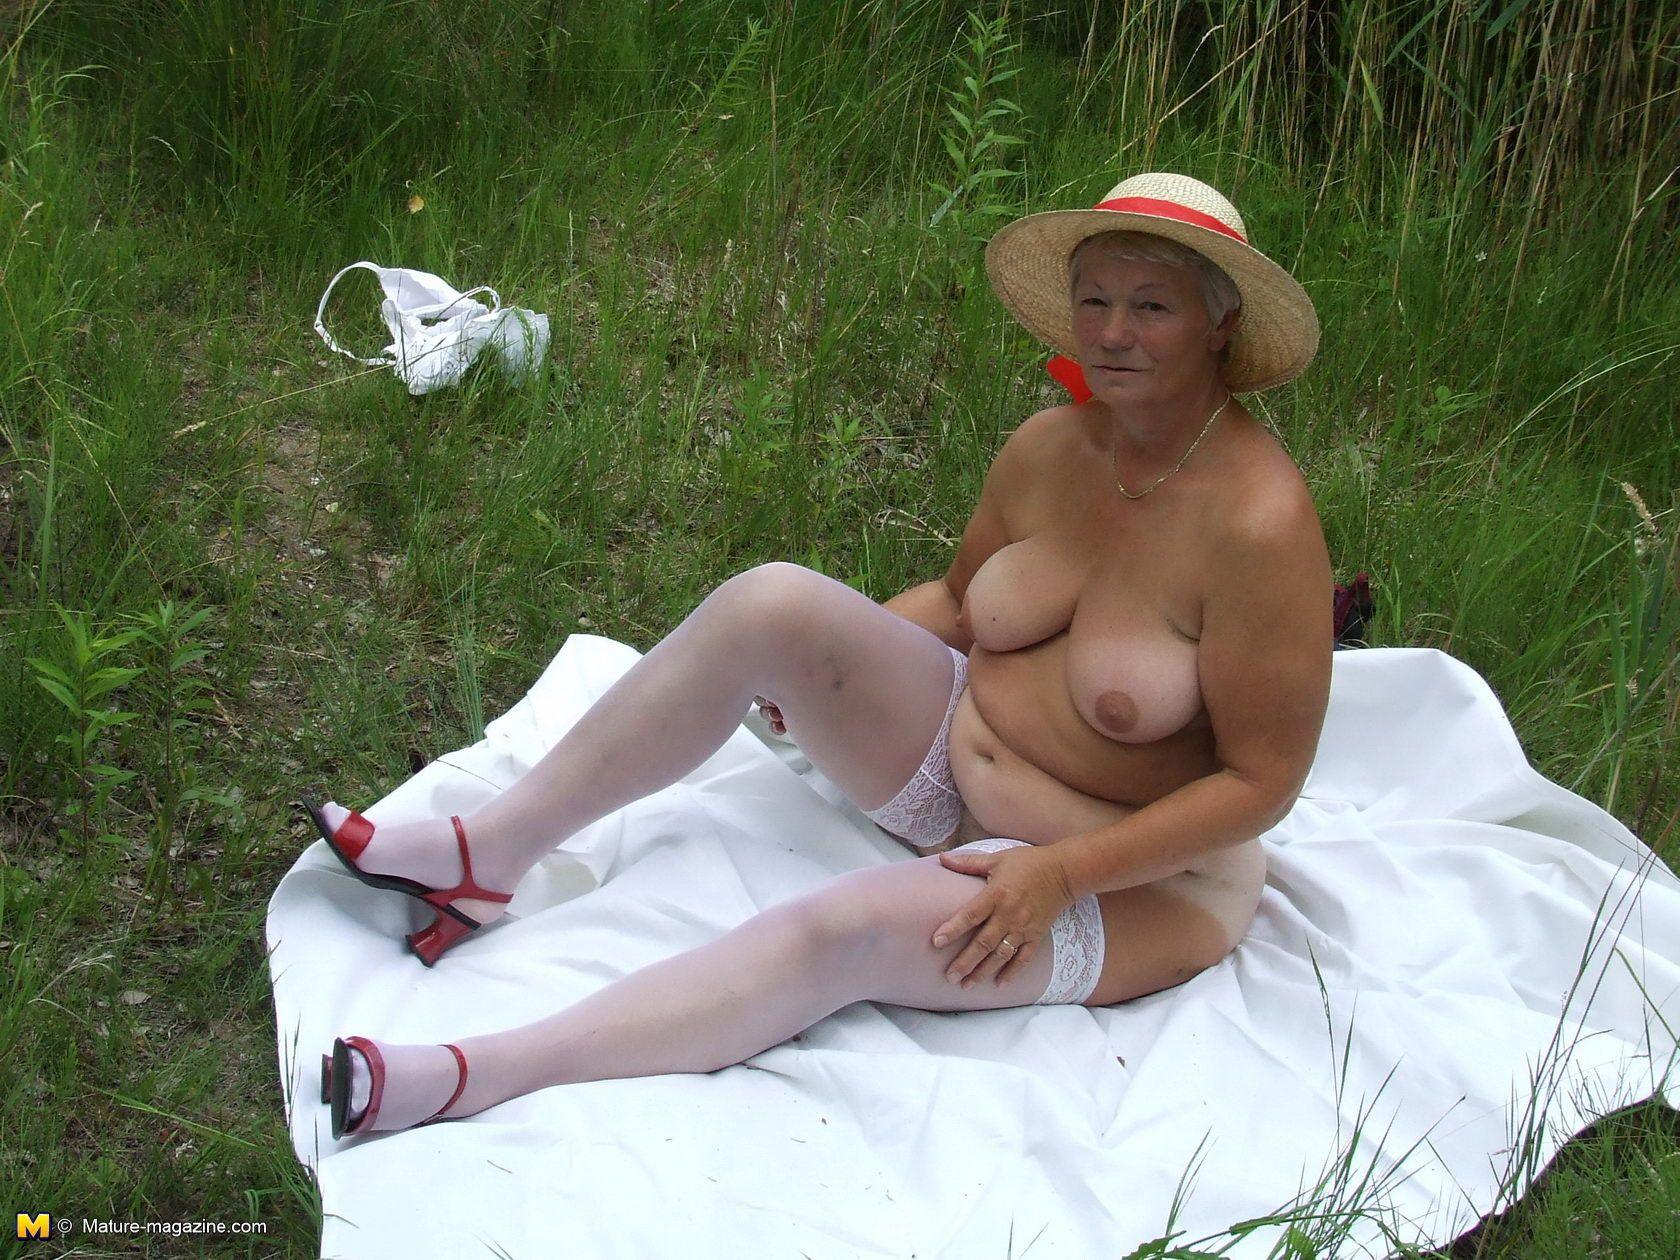 Interracial Fun On The Grass